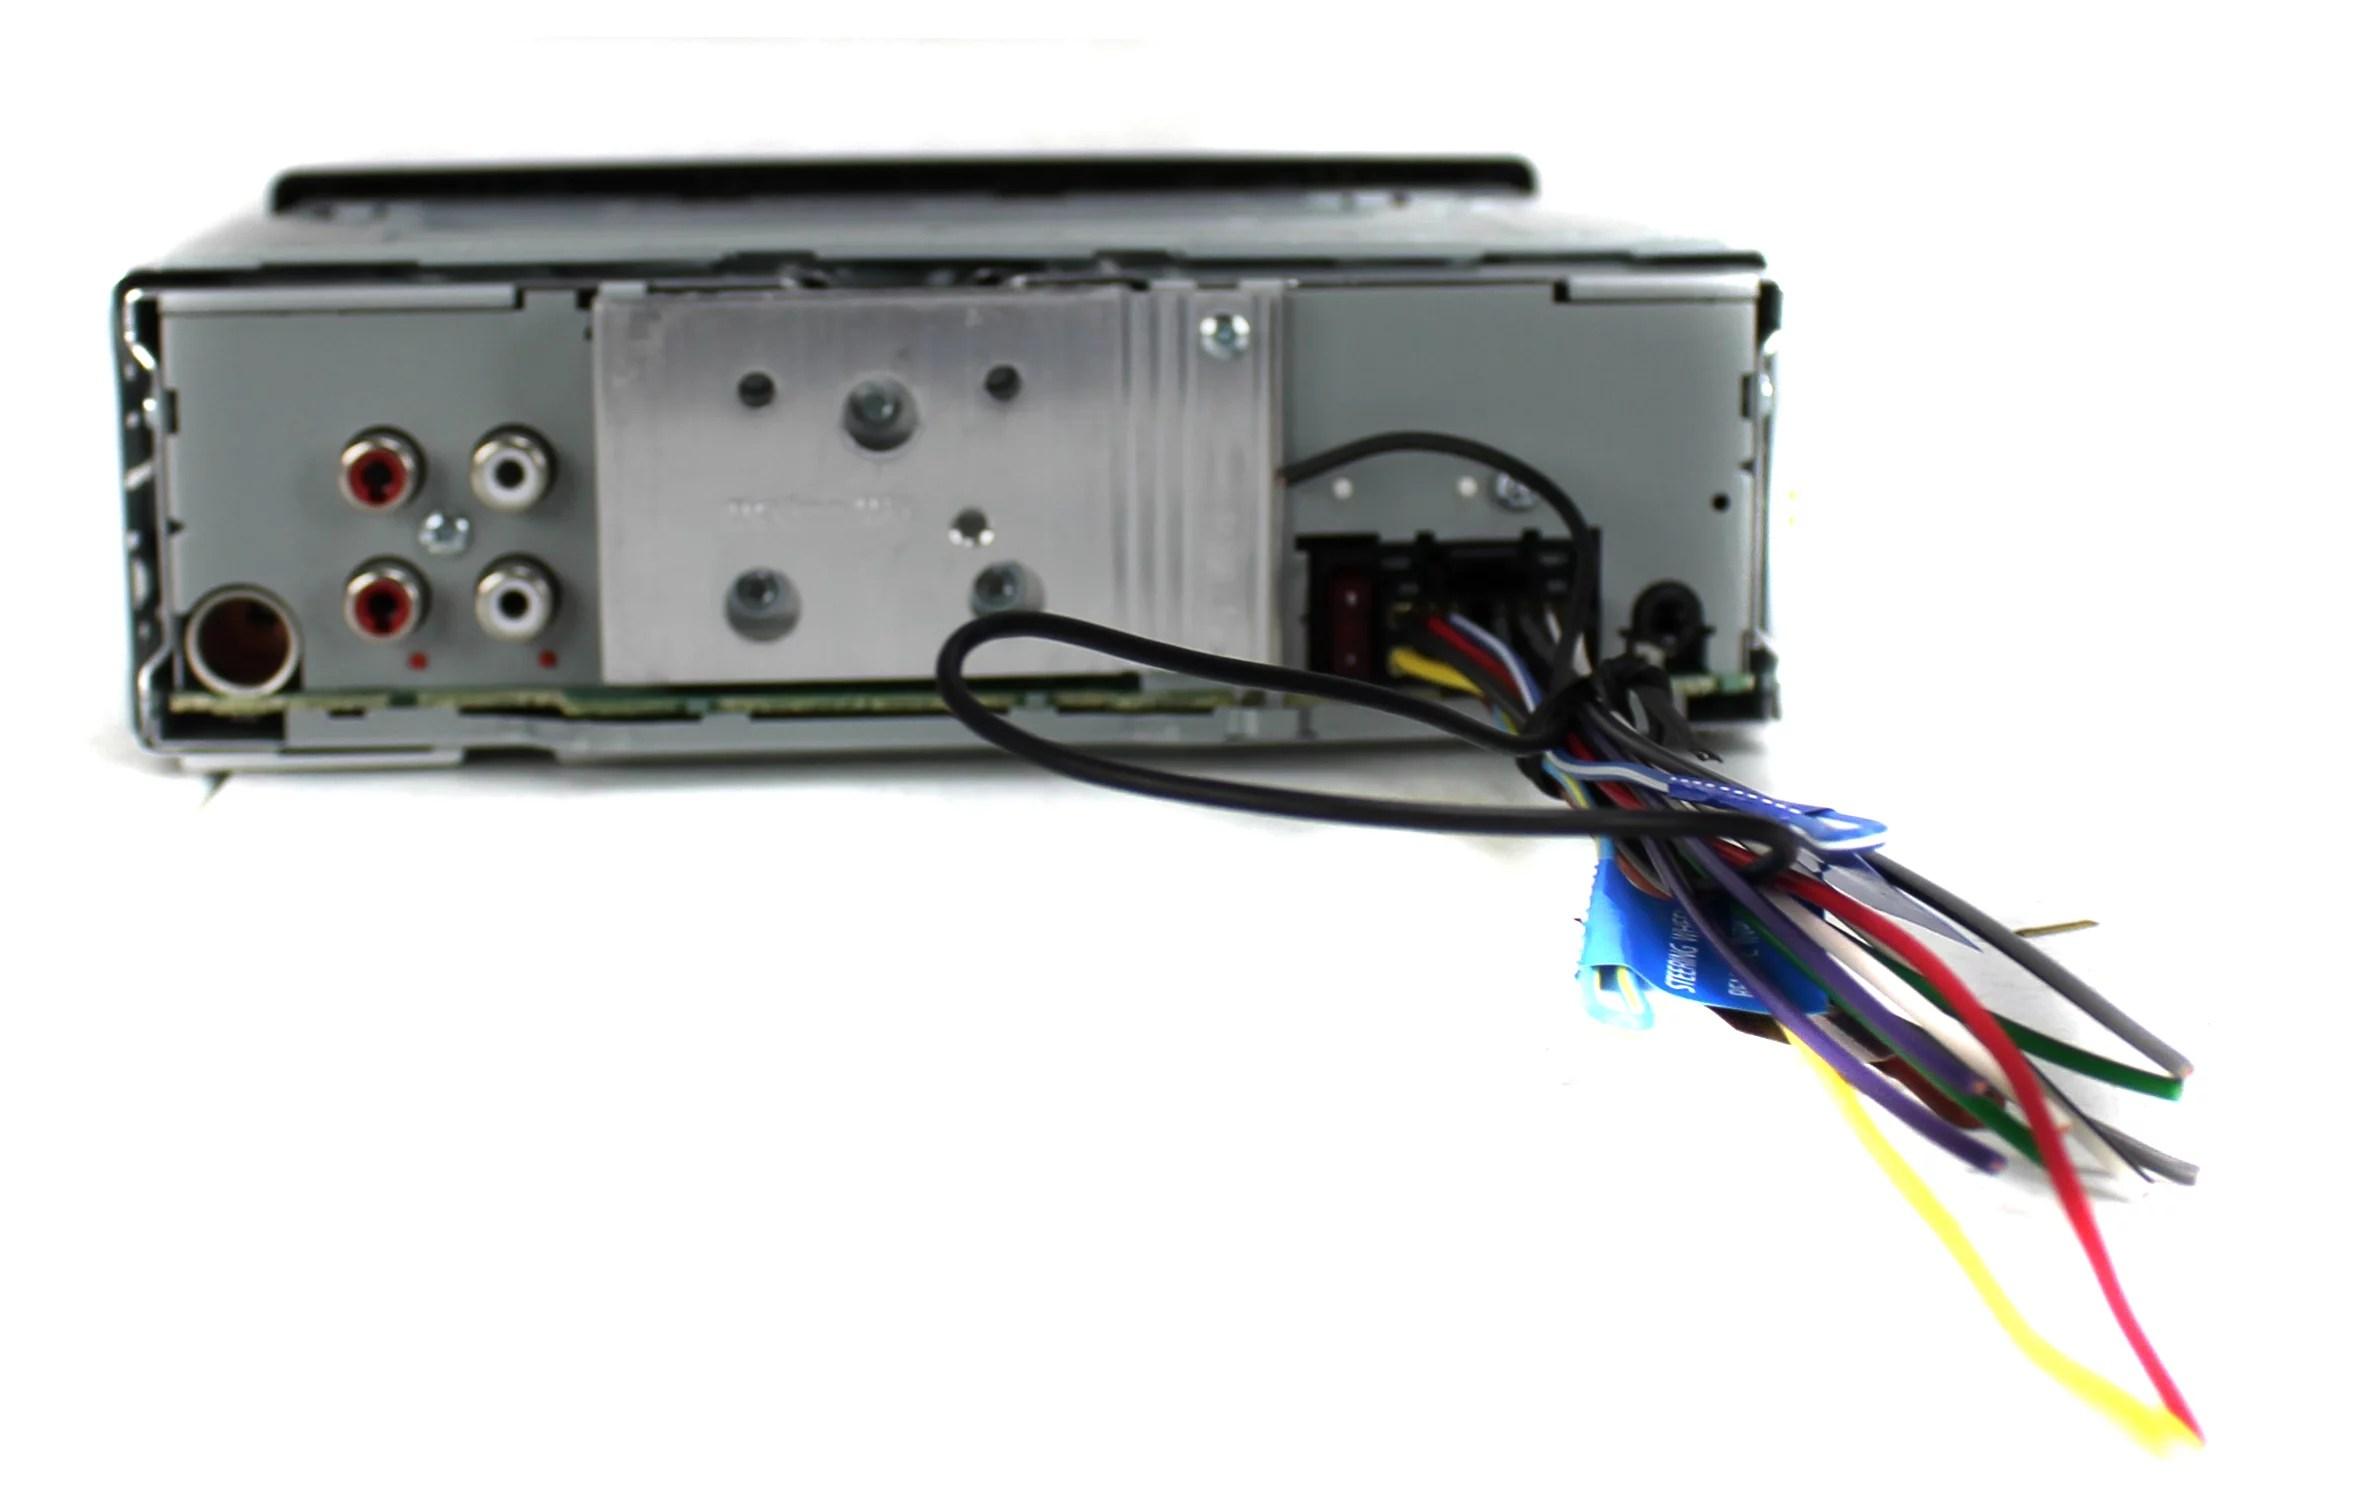 2001 gmc sierra stereo wiring diagram srs airbag ke c6500 parts diagrams